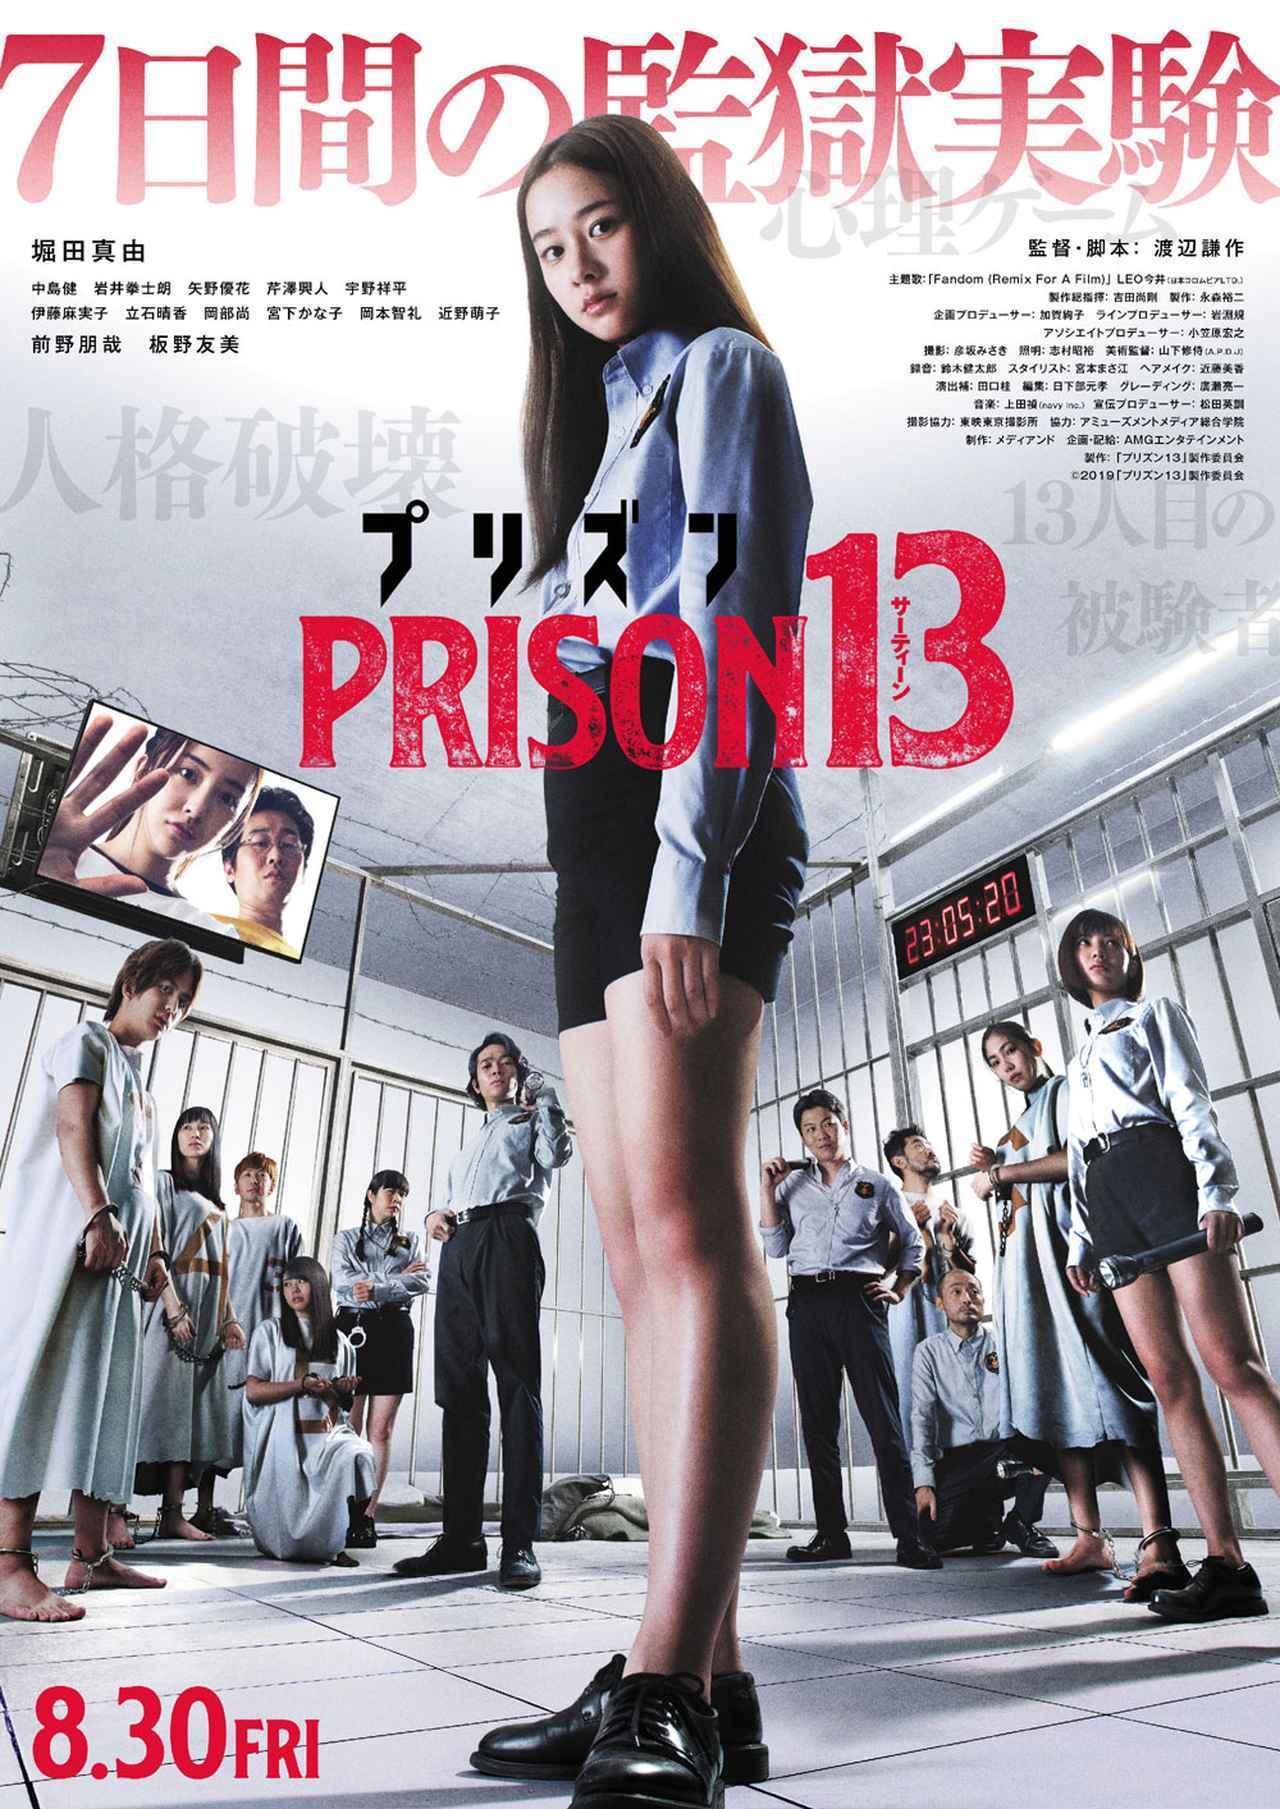 画像6: 密室で繰り広げられるシチュエーション・スリラー「プリズン13」、いよいよ8月30日より公開。ひとつひとつのシーン、仕草にまでこだわりの演技を見せた「堀田真由」に注目